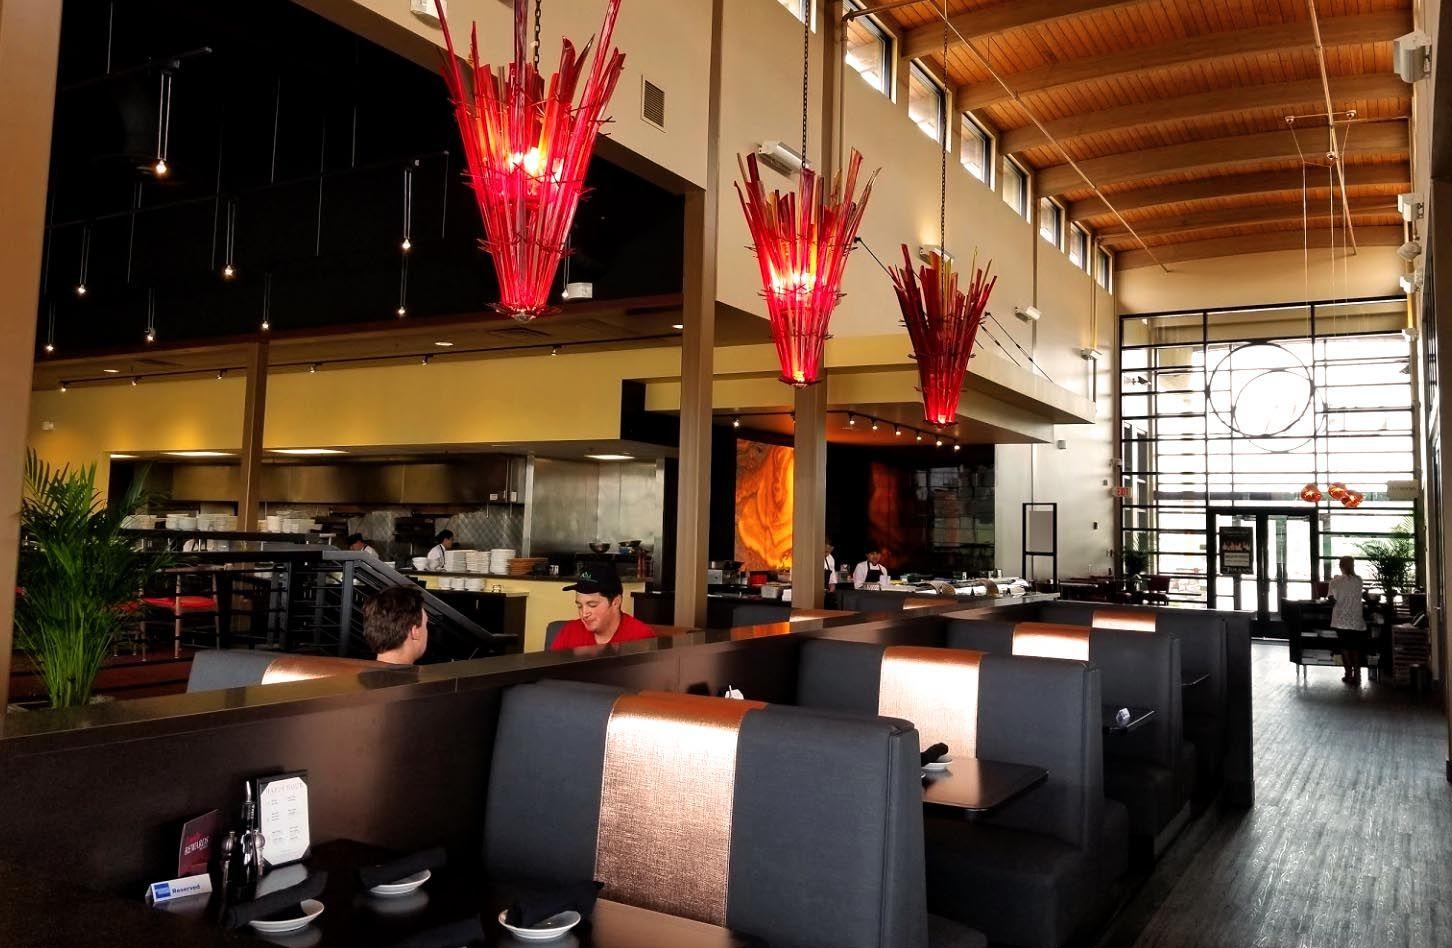 Hilton Garden Inn Crave restaurant, American kitchen